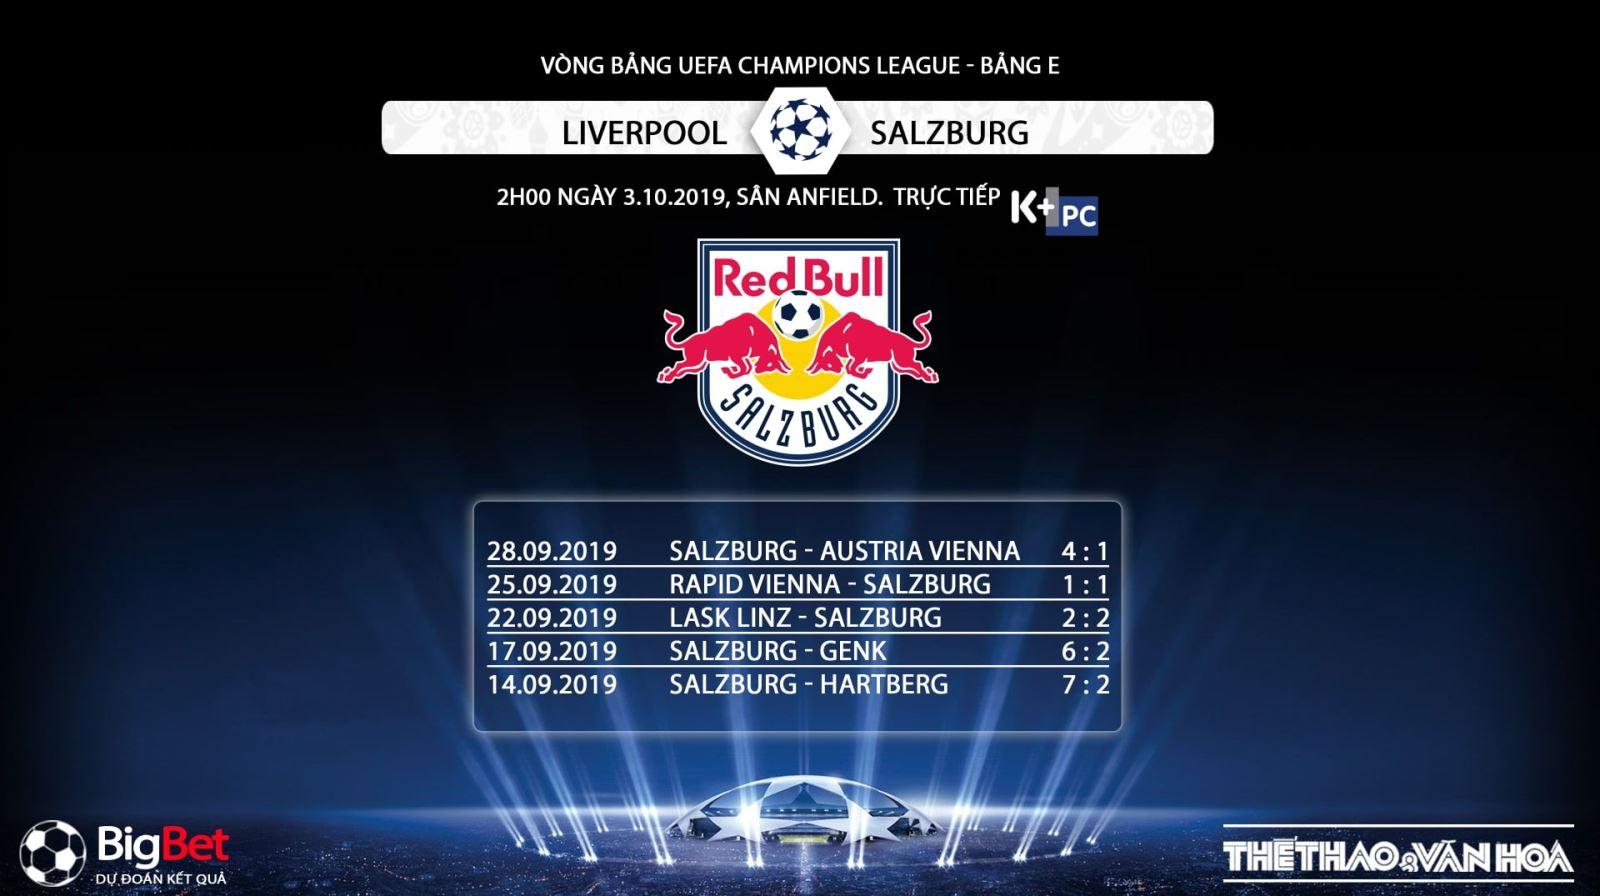 Liverpool vs Red Bull Salzburg, kèo bóng đá, truc tiep bong da, trực tiếp bóng đá, K+, K+PM, xem bong da, trực tiếp bóng đá hôm nay, trực tiếp cúp C1 châu Âu, Liverpool